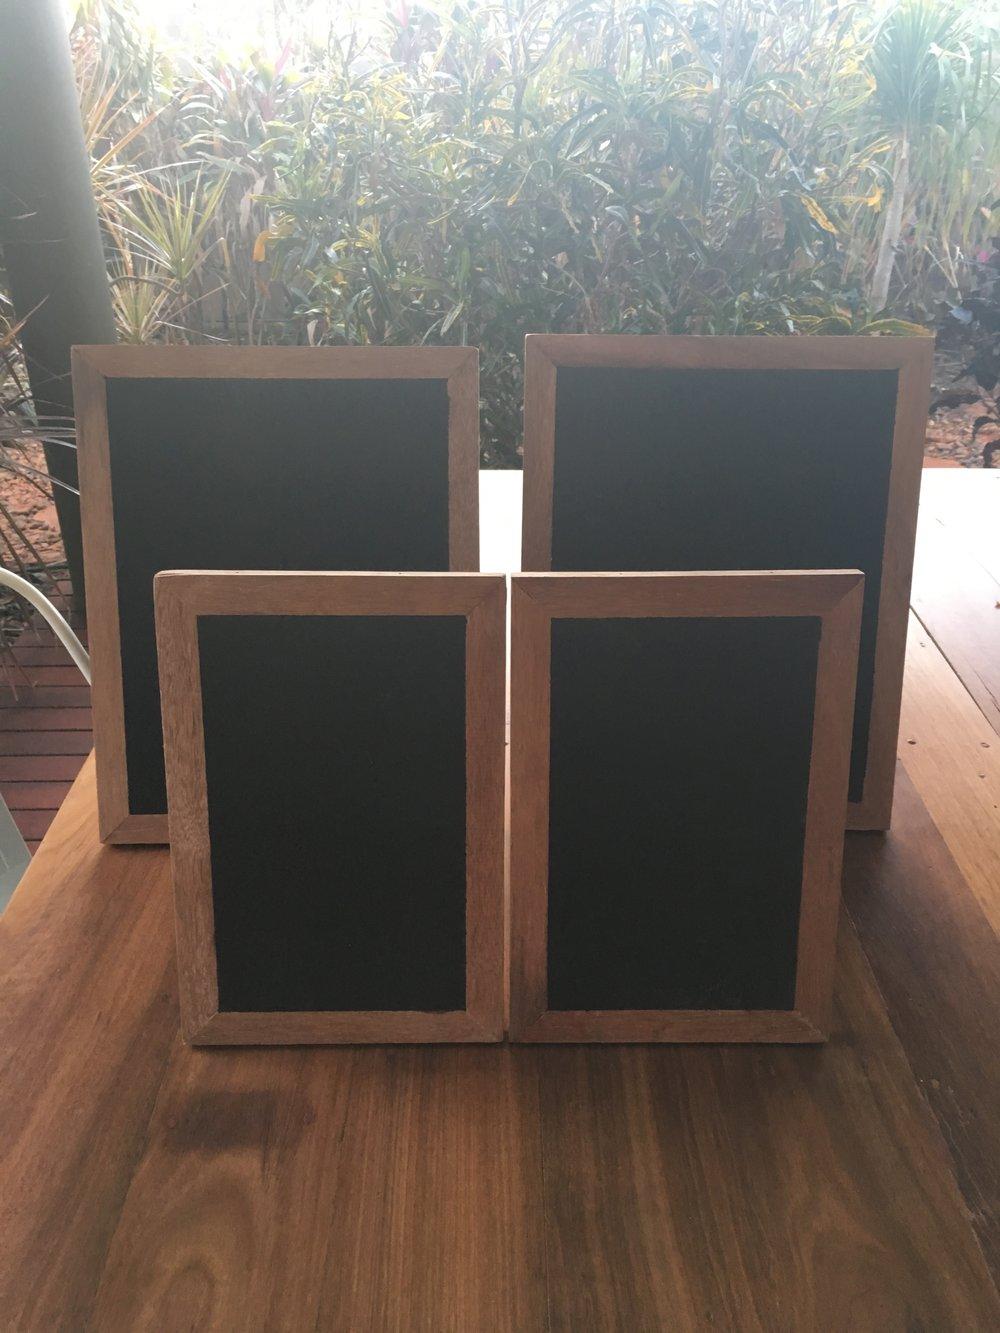 Small Black Boards